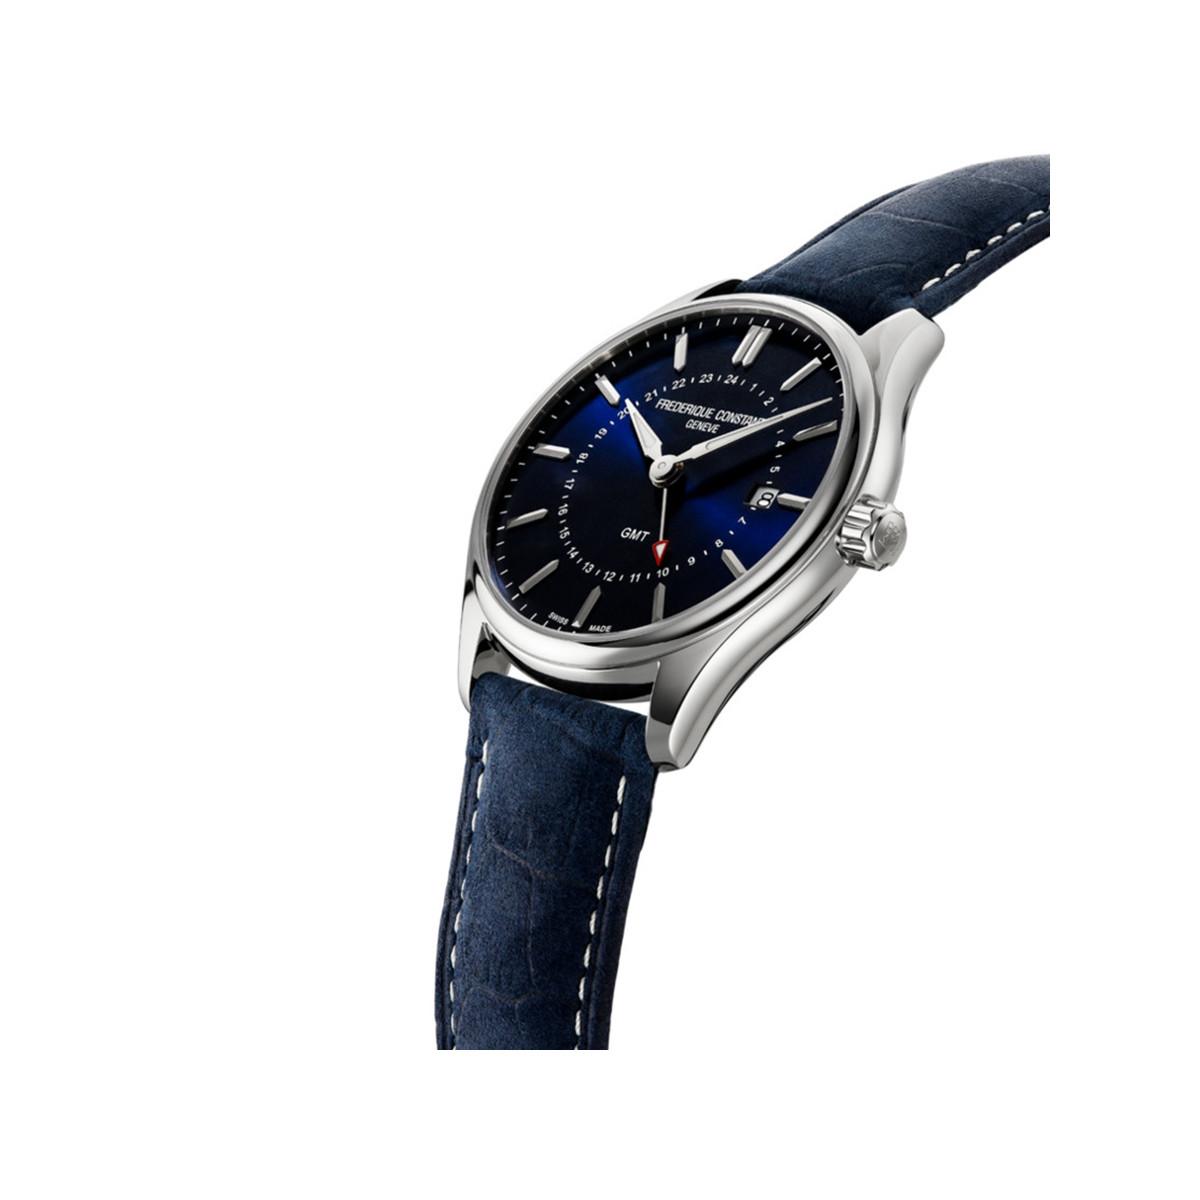 FREDERIQUE CONSTANT GMT BLUE